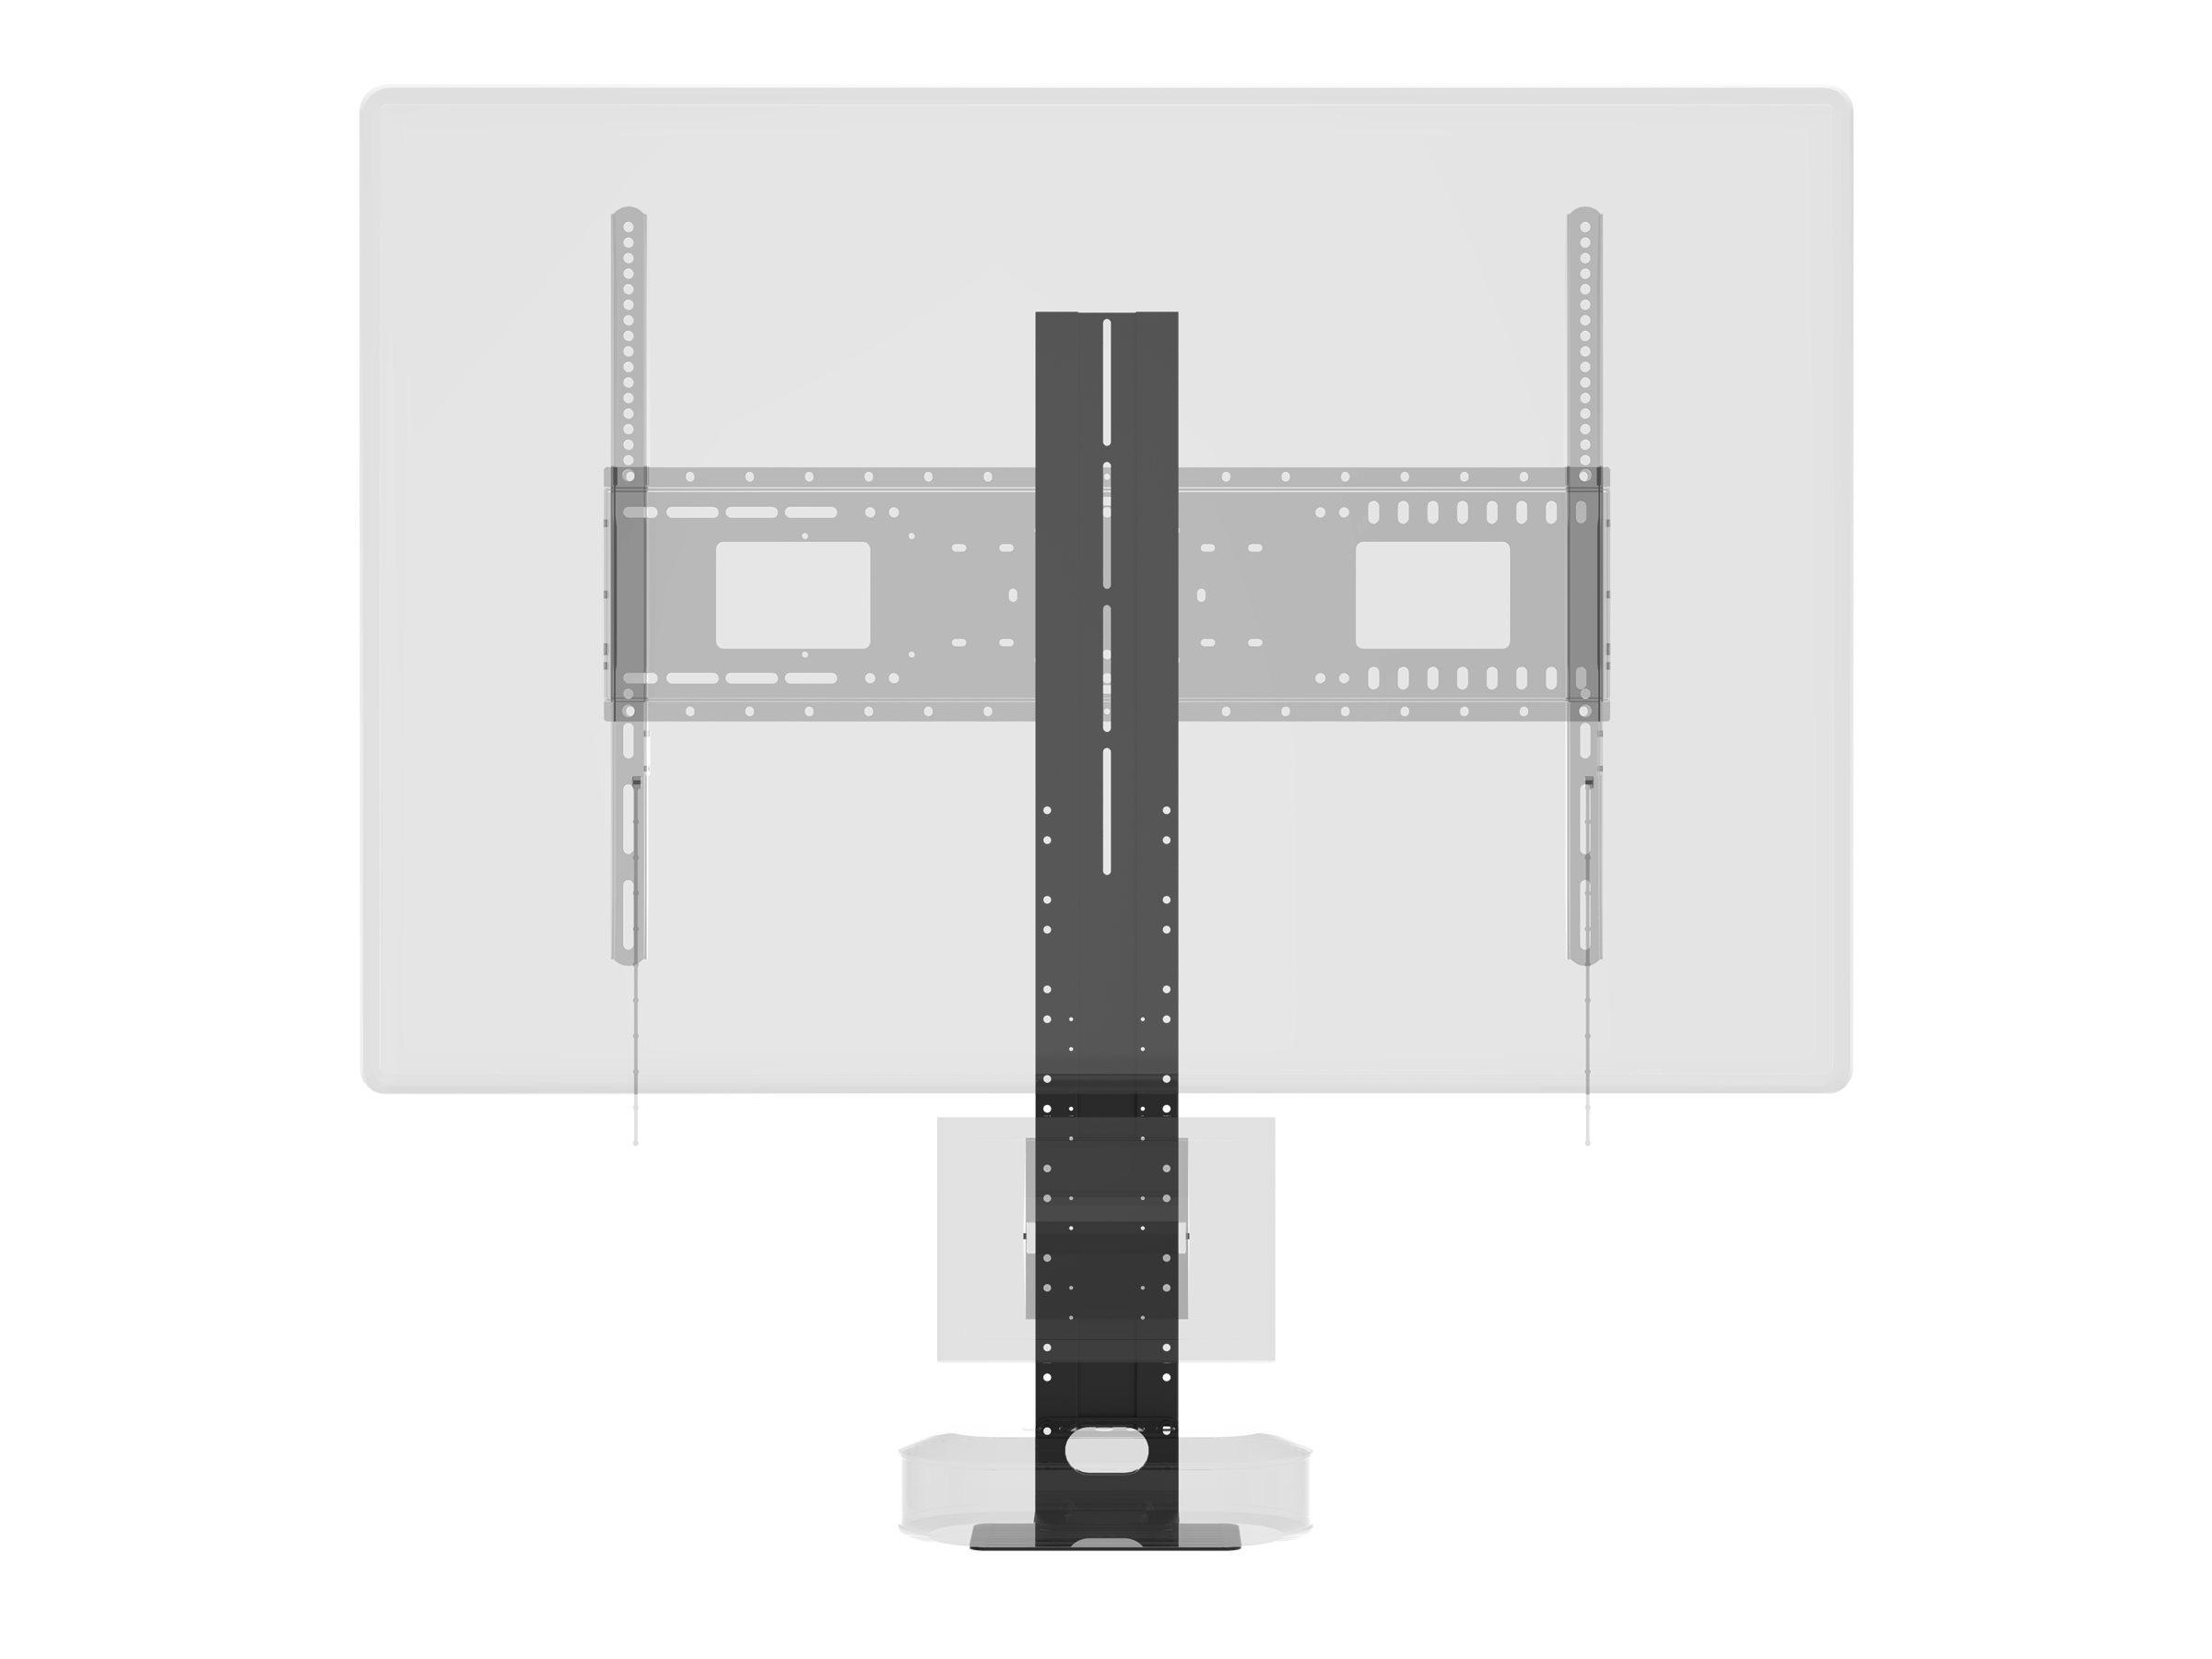 Vision VFM-WVC - Montagekomponente (Regal) für Videokonferenz-Kamera - kaltgewalzter Stahl - Schwarz - Montageschnittstelle: 100